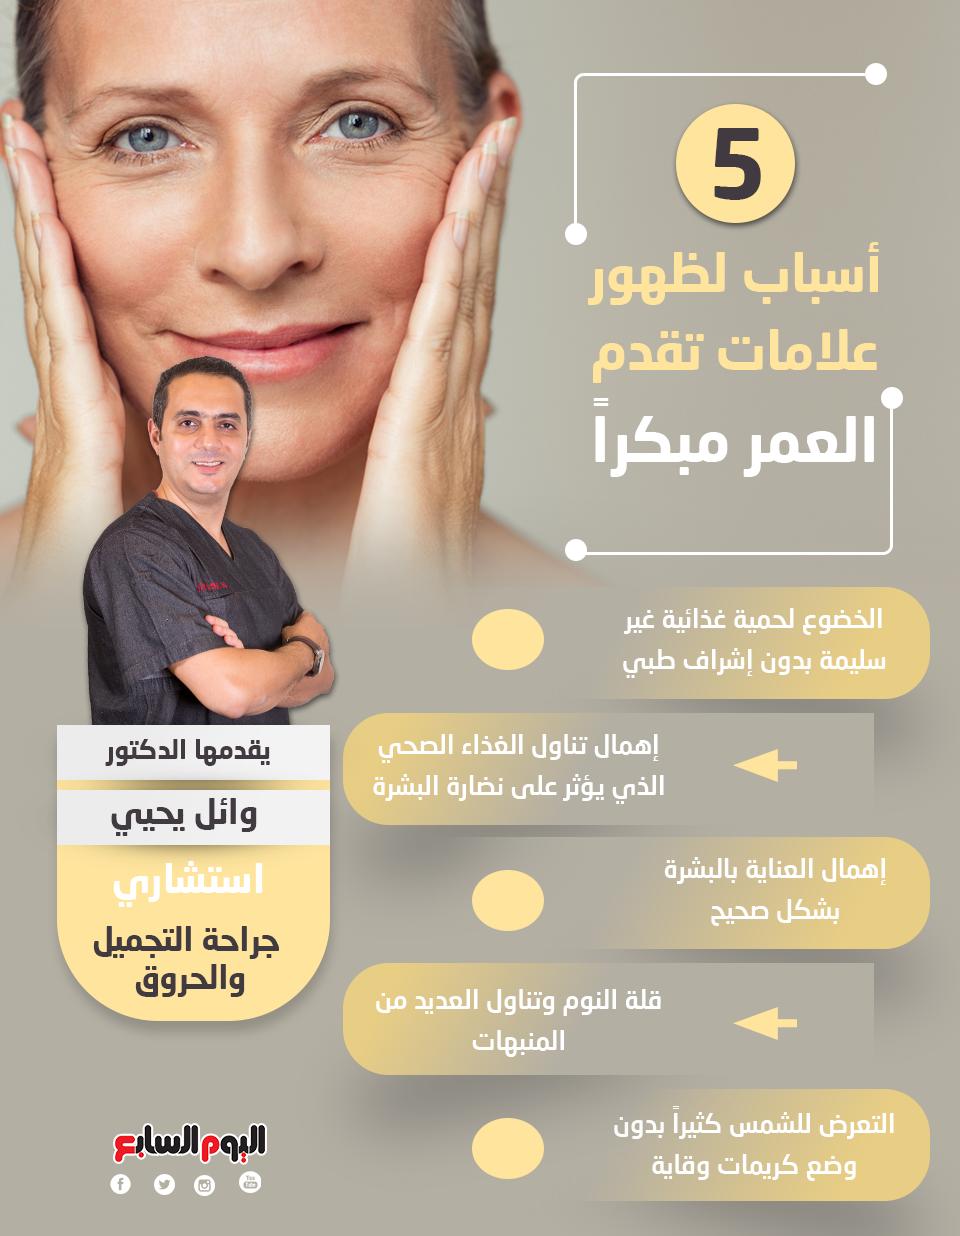 5 أسباب لظهور علامات تقدم العمر مبكراً